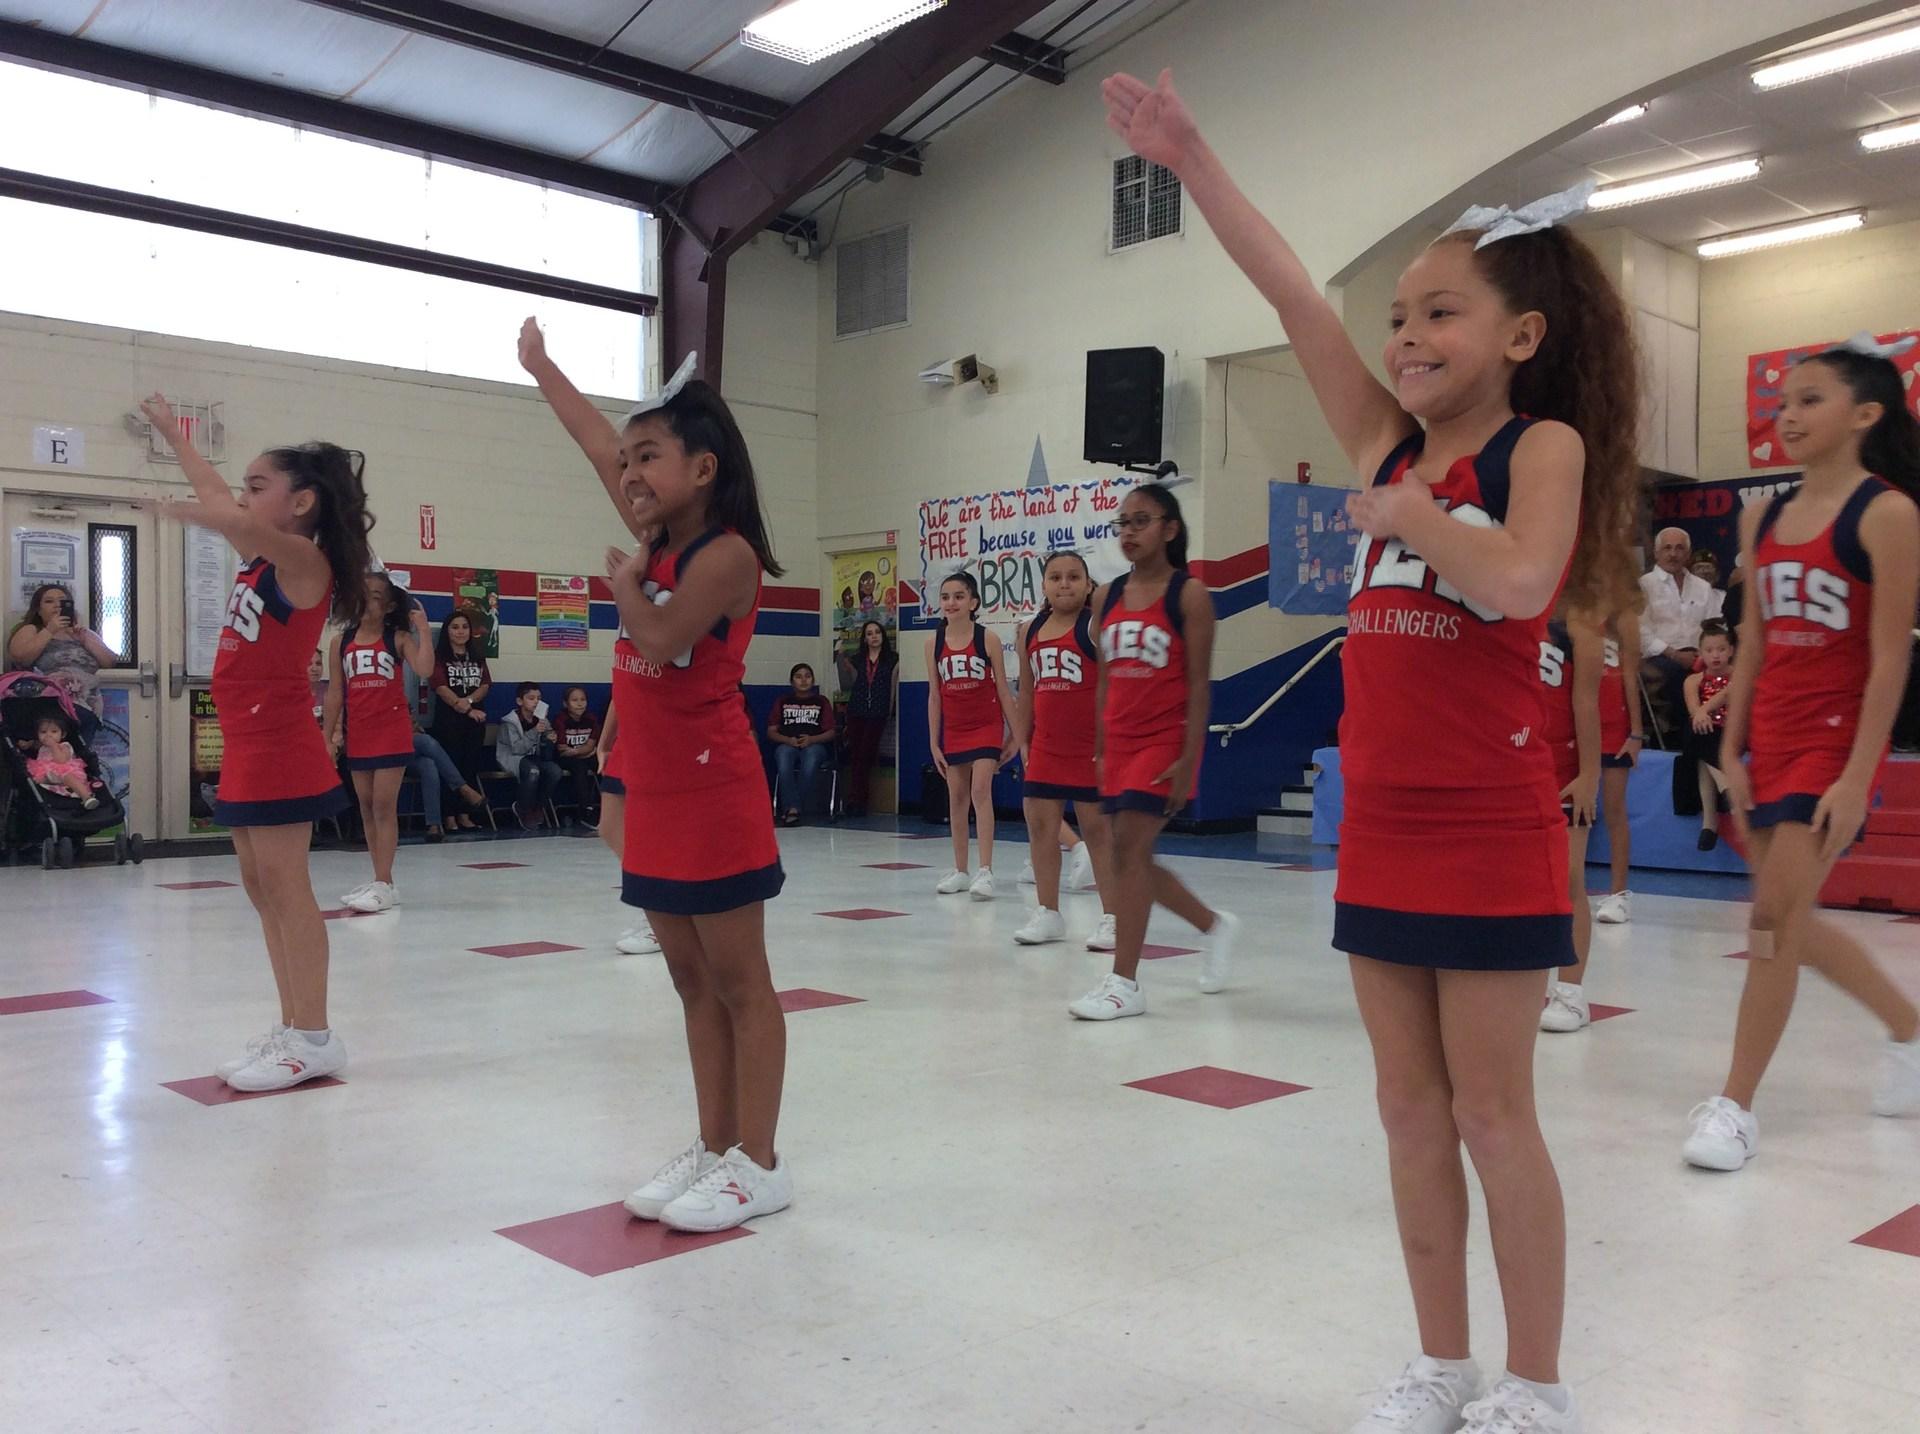 cheerleaders in the gym.